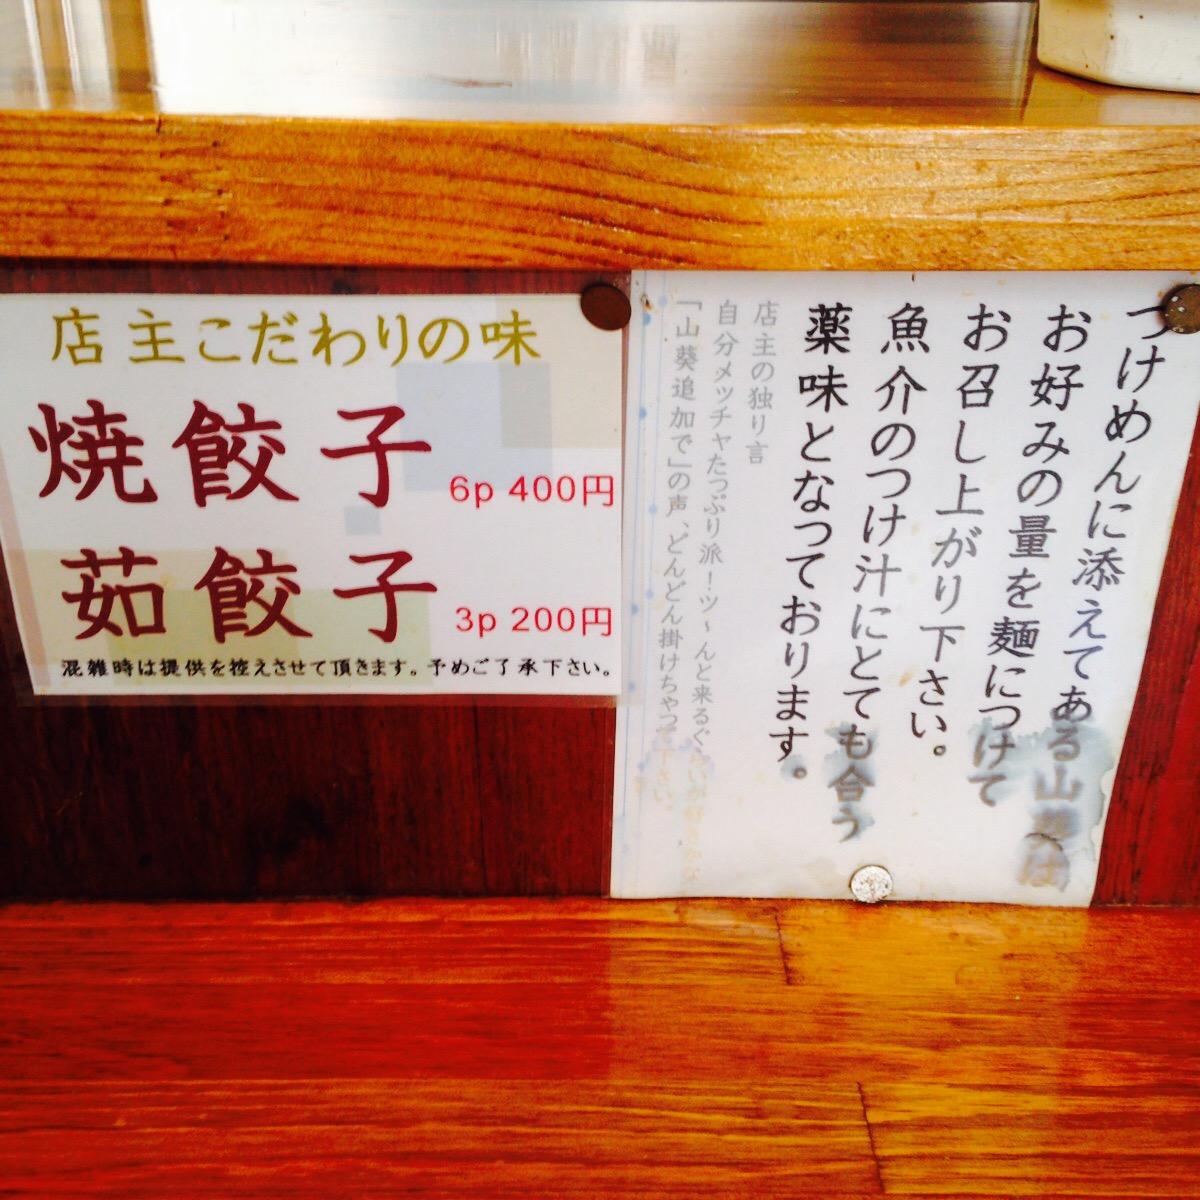 一度食べるとやみつきになっちゃう!山葵をつけて食べる魚介系ダシのつけ麺『らーめん武士道』(千葉県柏市)